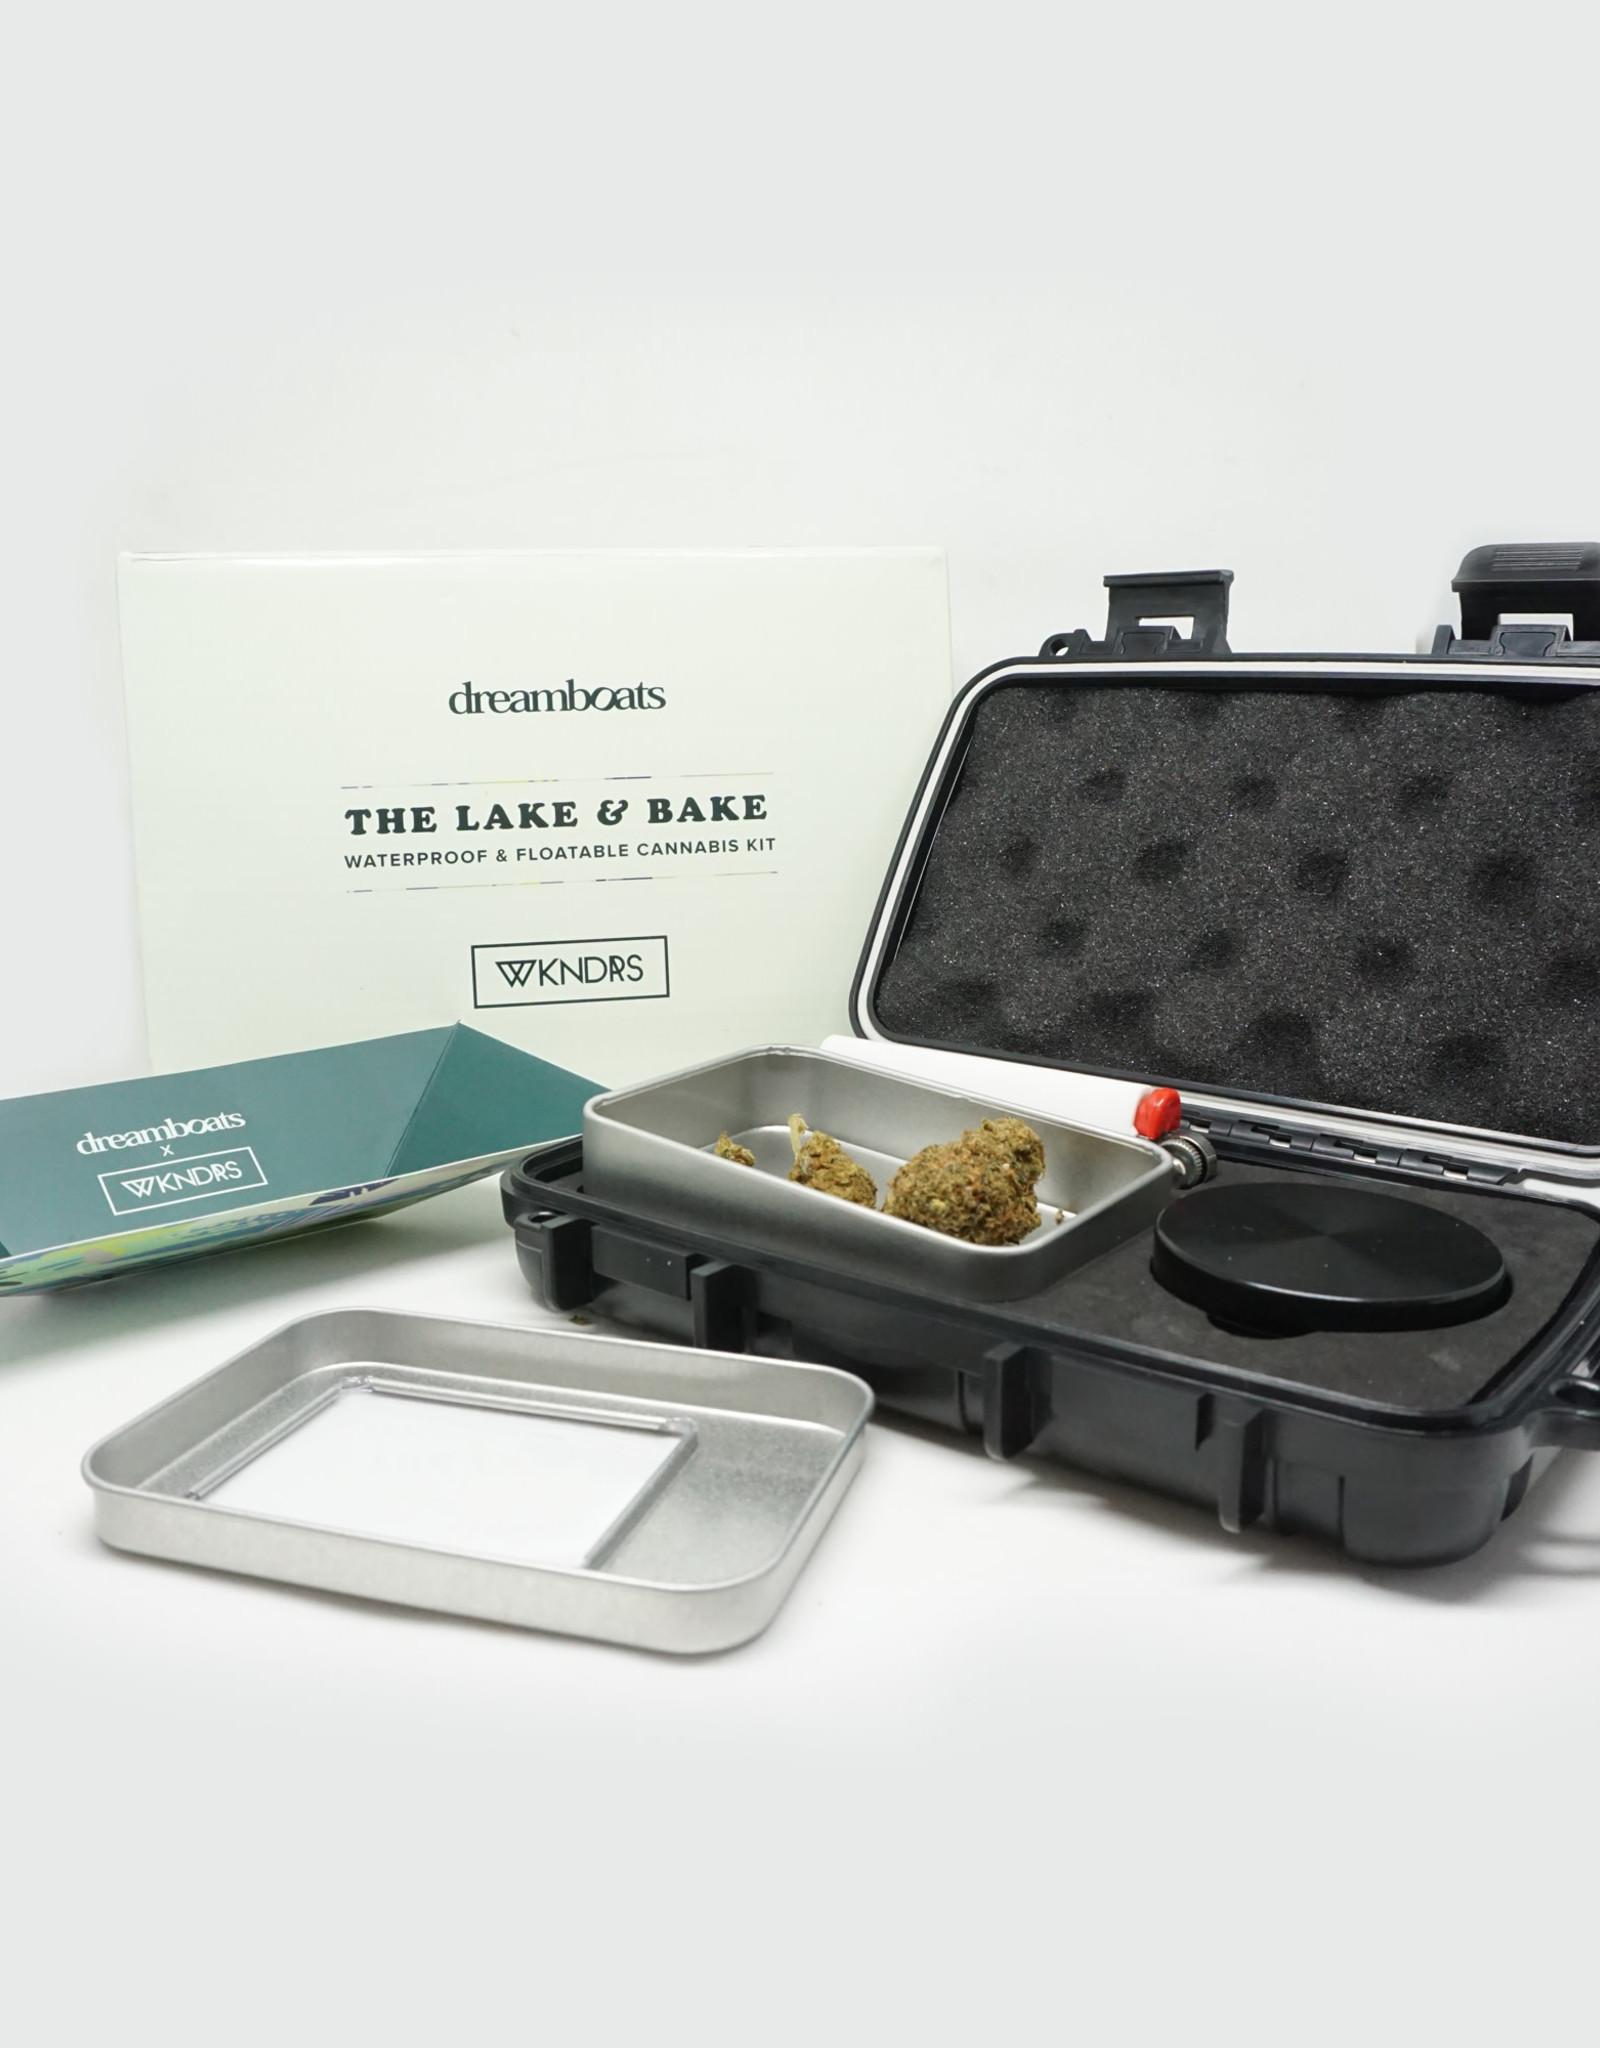 Dreamboats - LAKE Kit